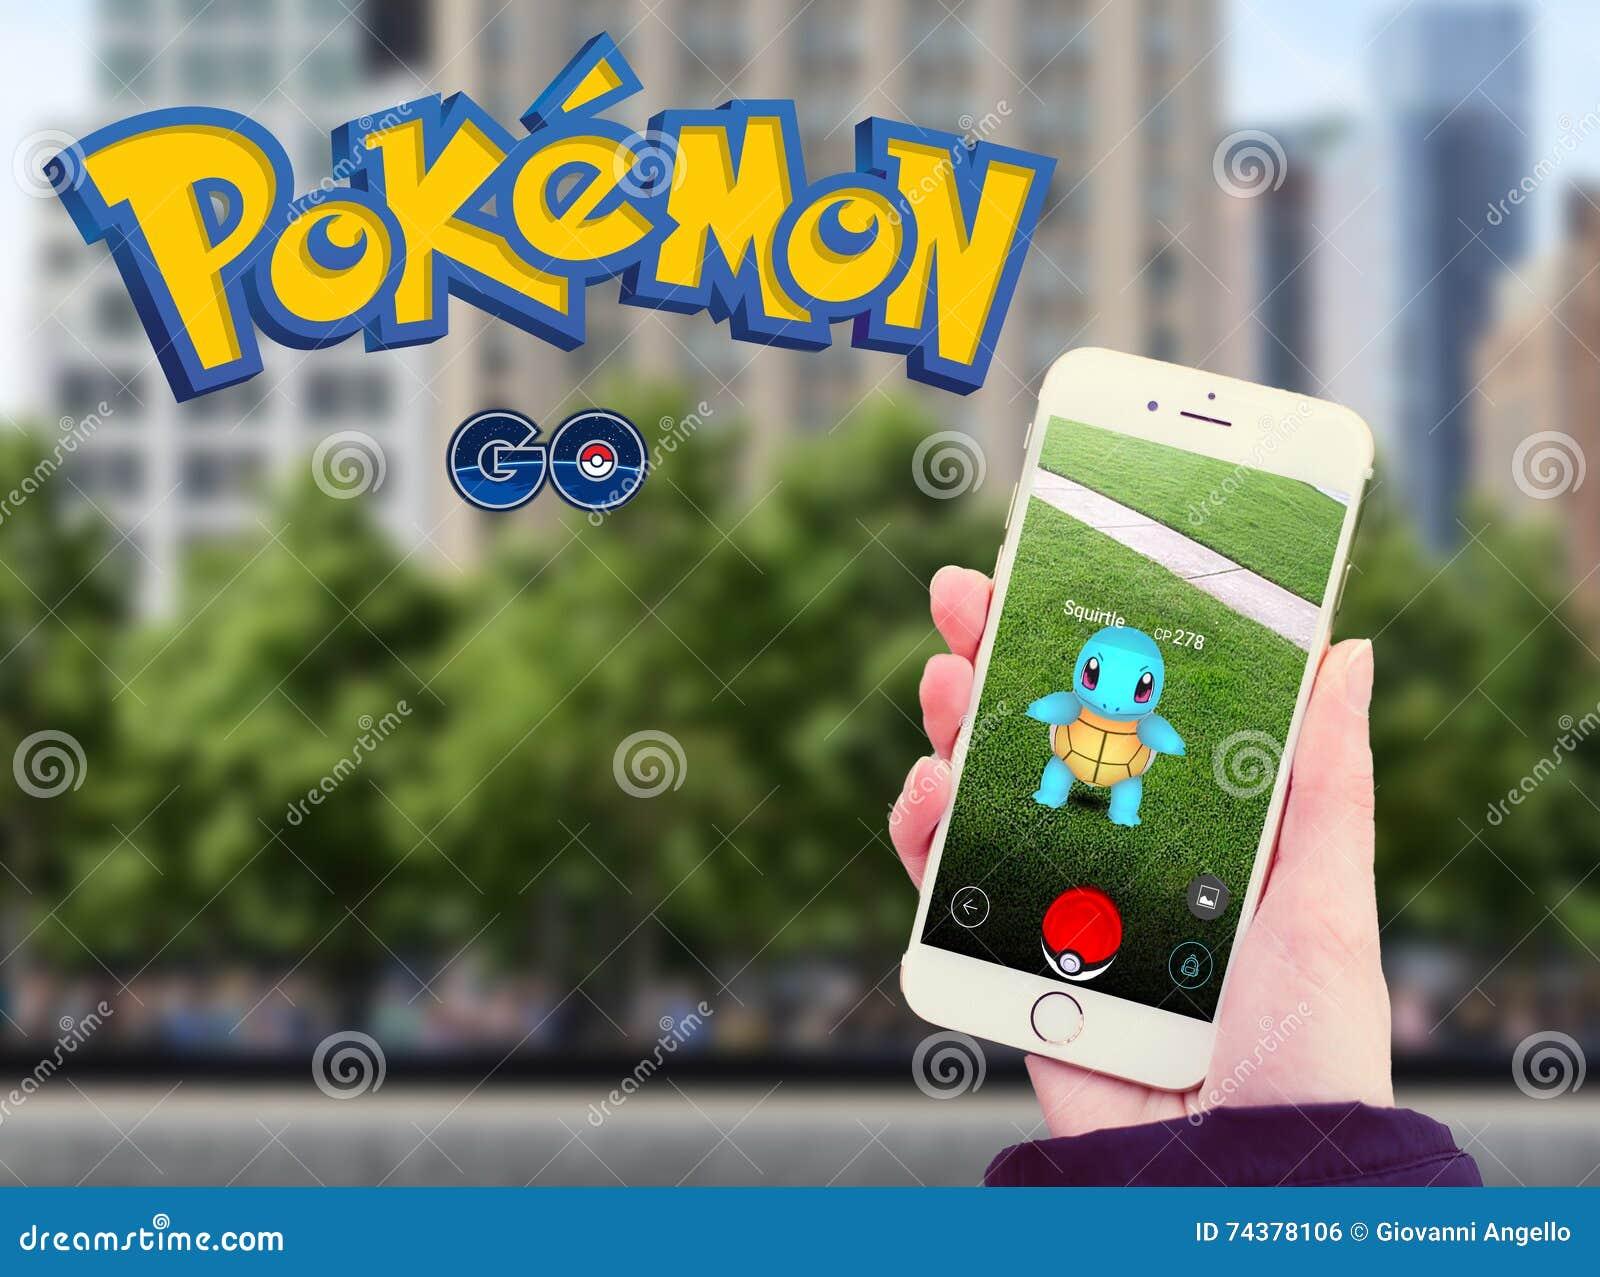 Pokemon va in cellulare con il logo